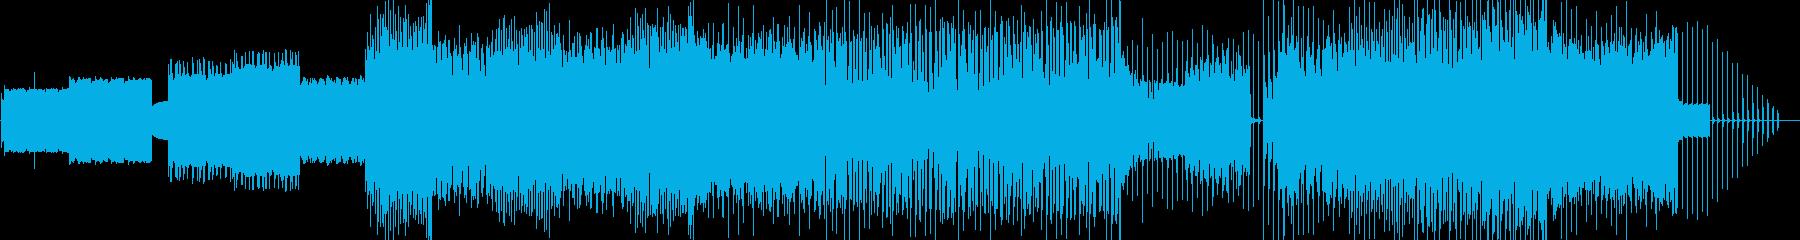 【変拍子】8bit、ファミコン、戦闘の再生済みの波形